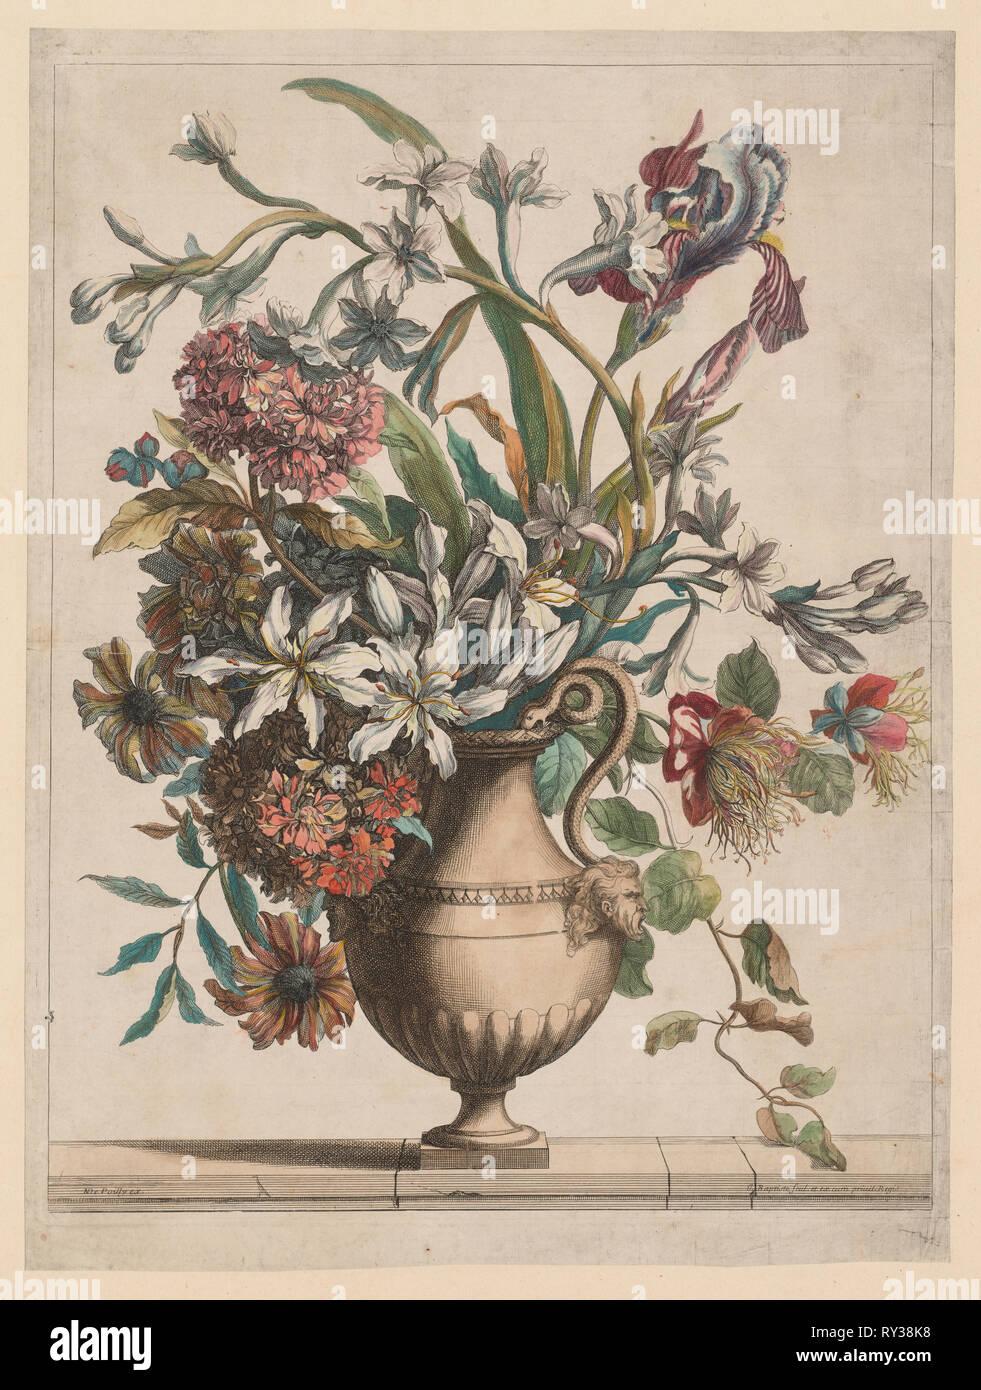 Liure de Toutes Sortes de fleurs d'après nature:  Vase of Flowers. Jean-Baptiste I Monnoyer (French, c. 1636-1699). Etching and engraving, hand colored - Stock Image